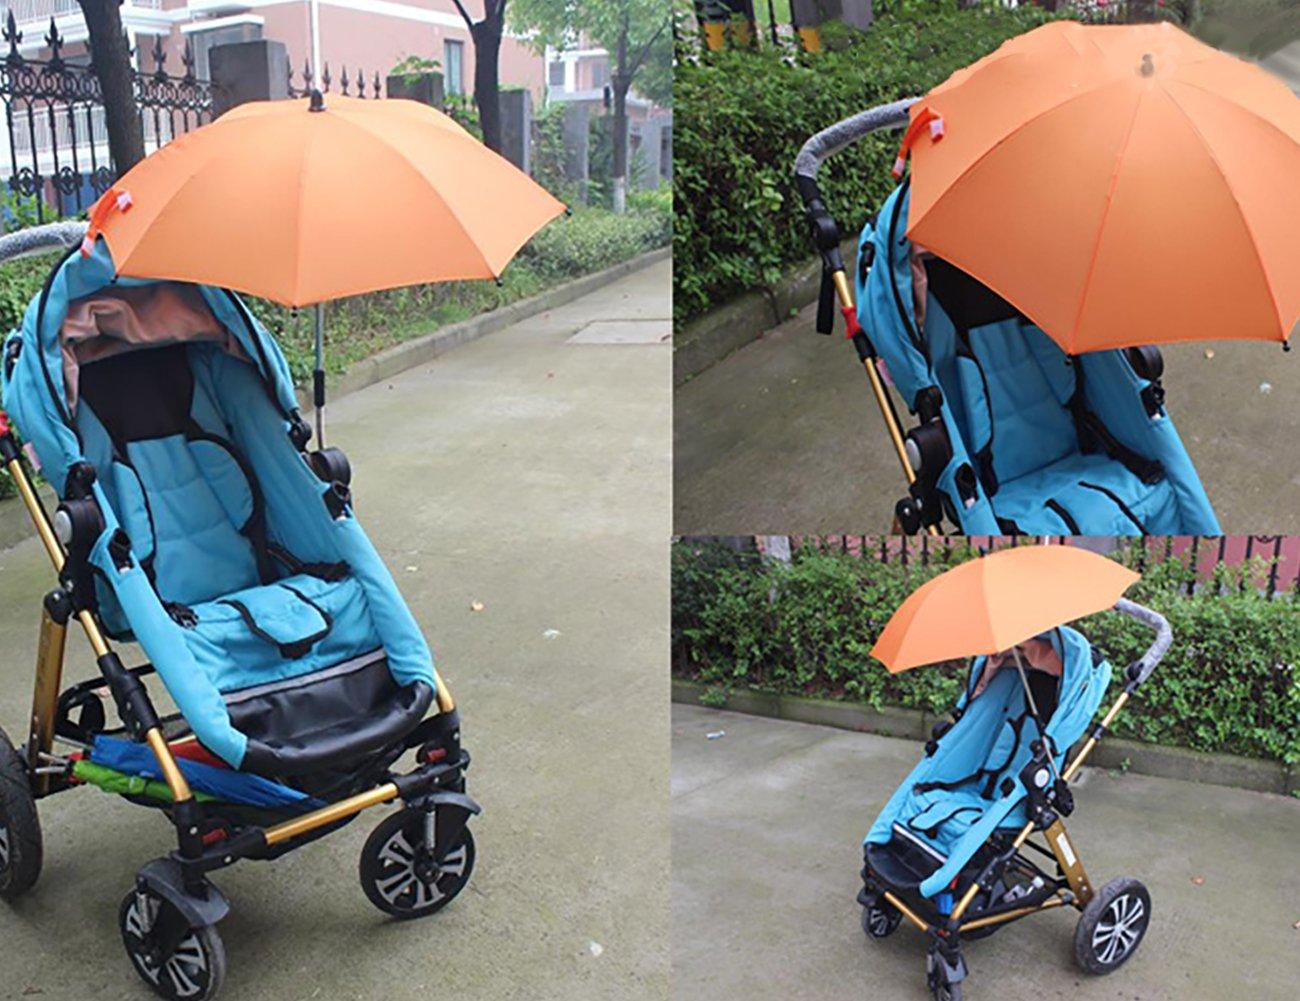 Ti lluvia sombrilla parasol estirable silla de ruedas para carrito de bebé silla de paseo Cochecito paraguas holder clip Clamp: Amazon.es: Jardín